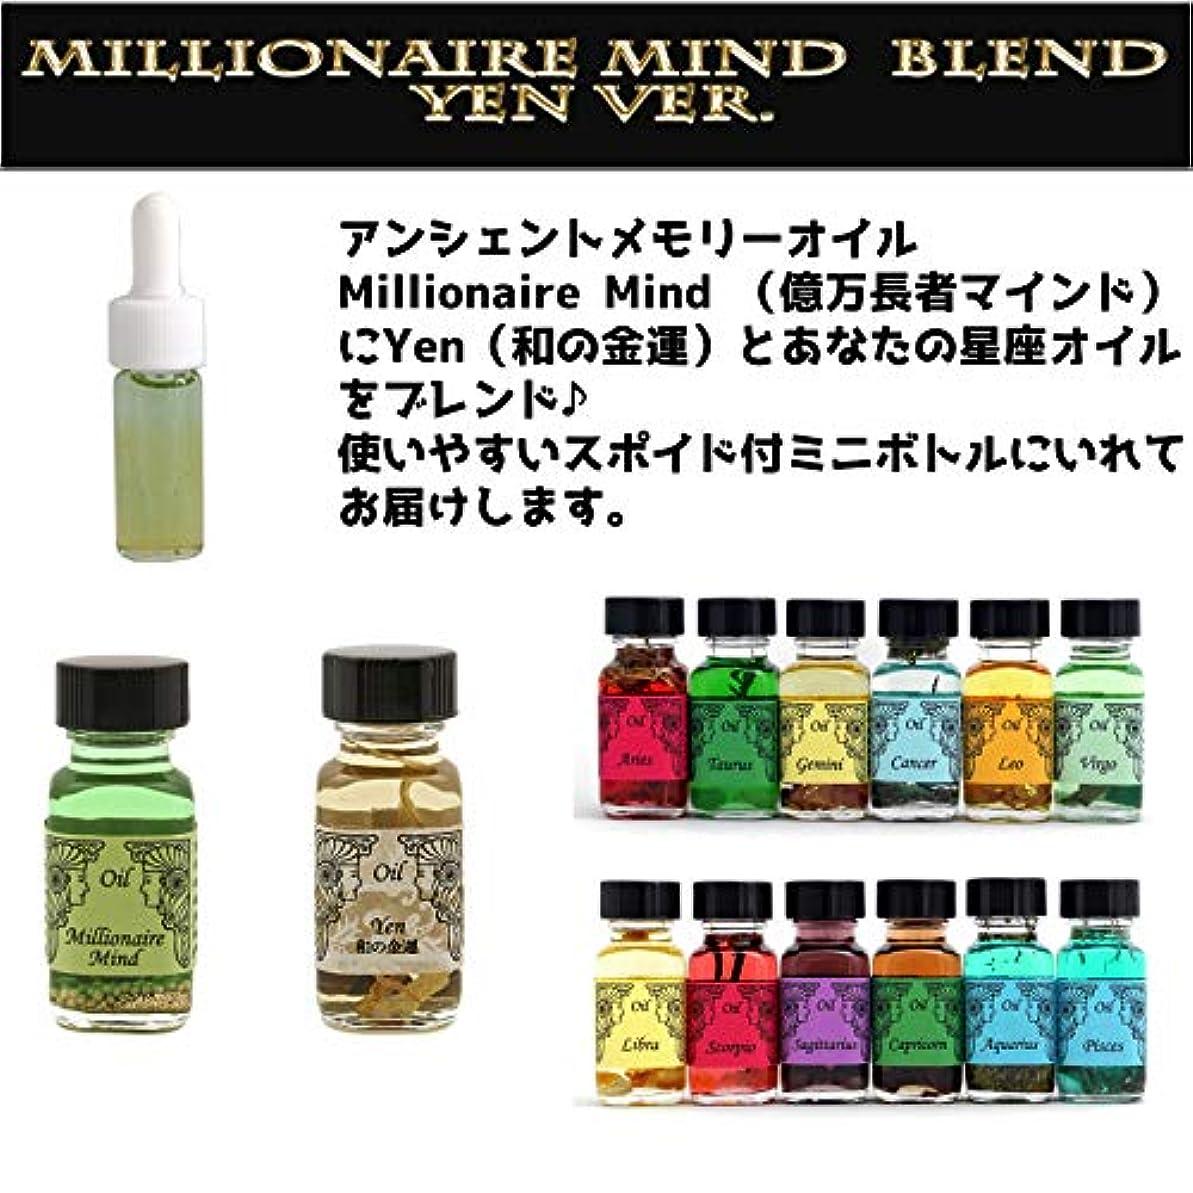 バイアスランク流行しているアンシェントメモリーオイル Millionaire Mind 億万長者マインド ブレンド【Yen 和の金運&しし座】